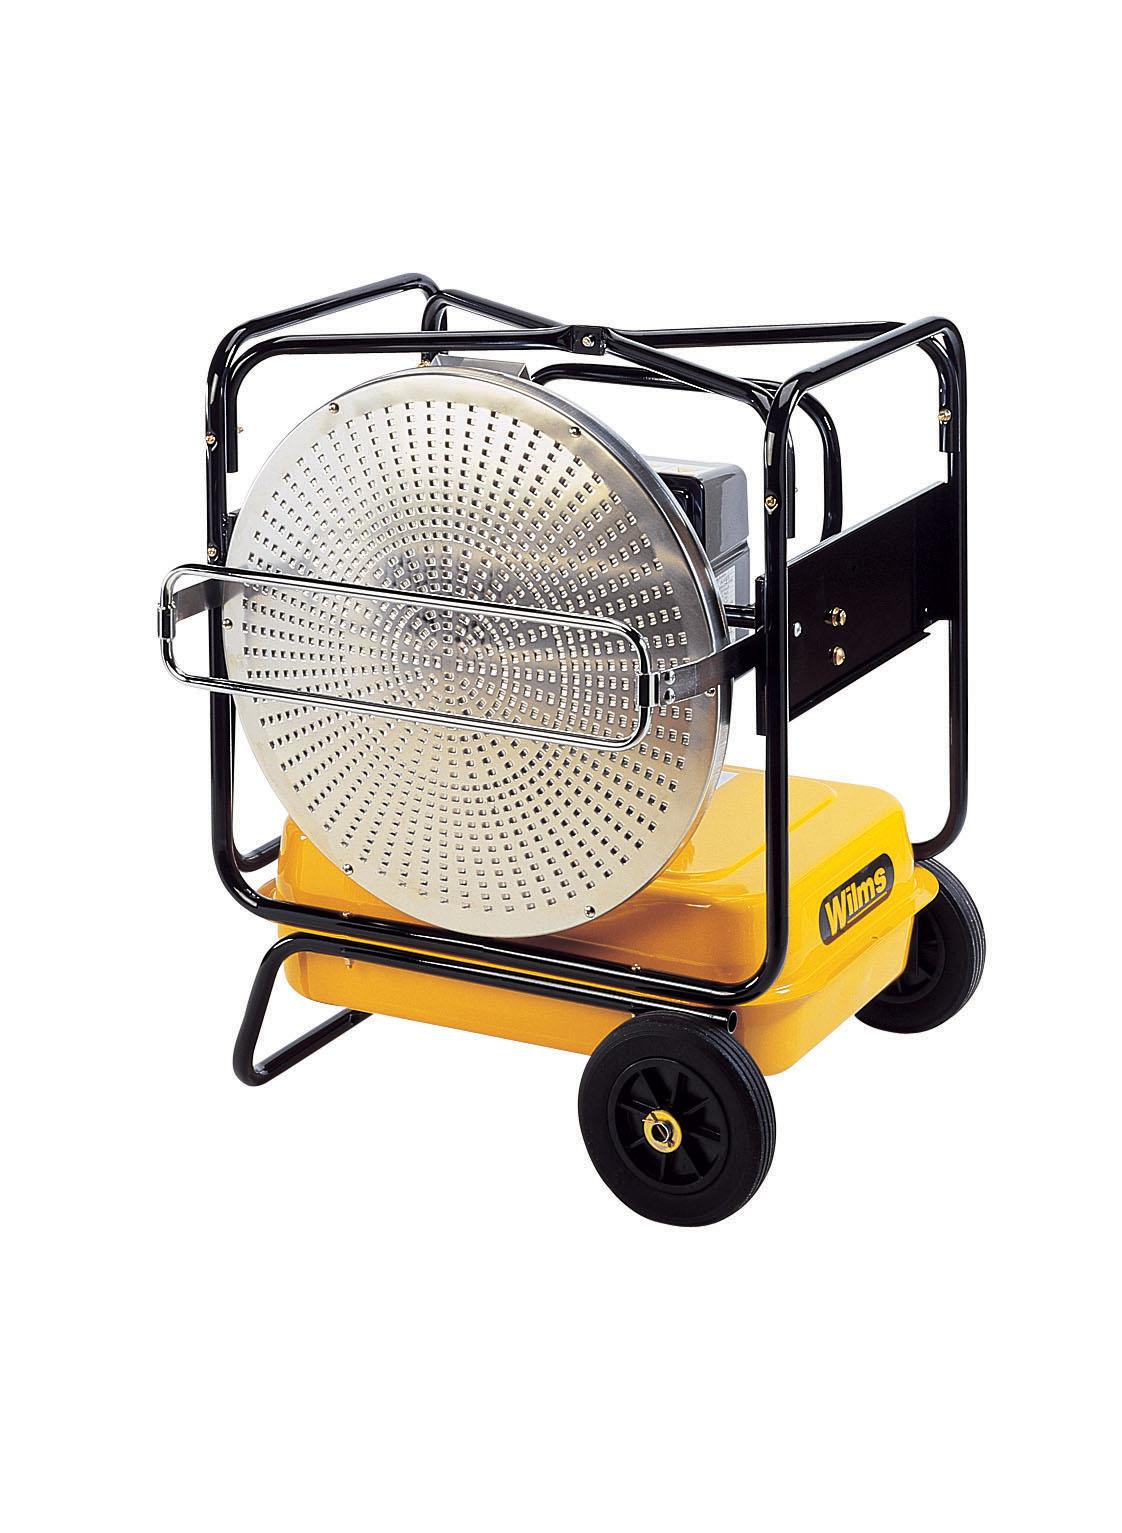 Generatoare de aer cald Wilms - Poza 11